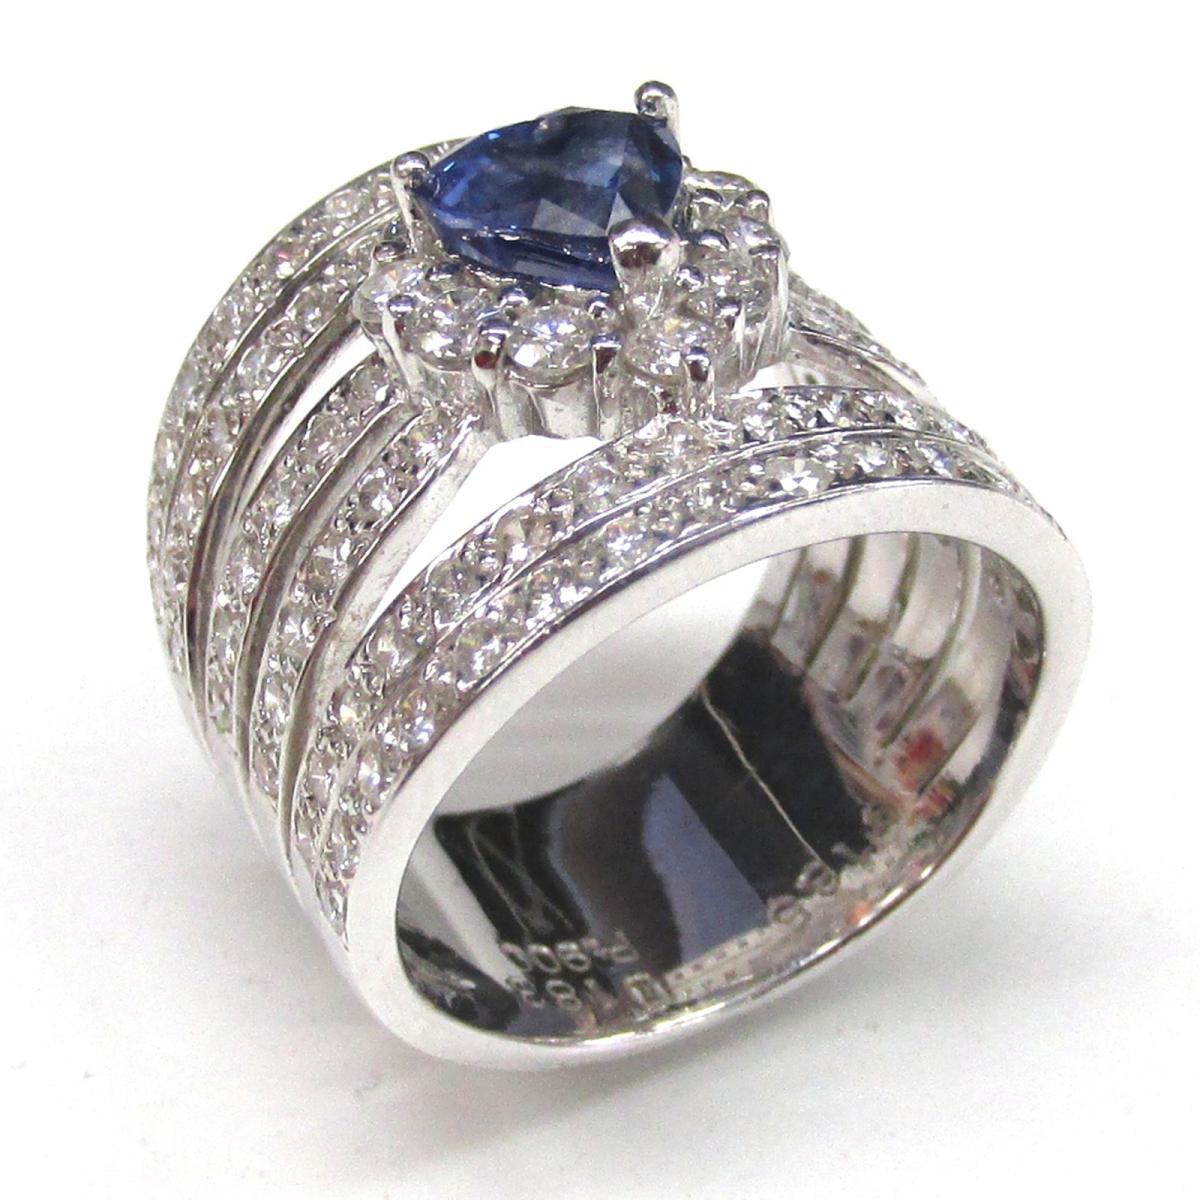 【中古】 ジュエリー サファイア ダイヤモンド リング 指輪 レディース PT900 プラチナ x | JEWELRY BRANDOFF ブランドオフ ブランド アクセサリー